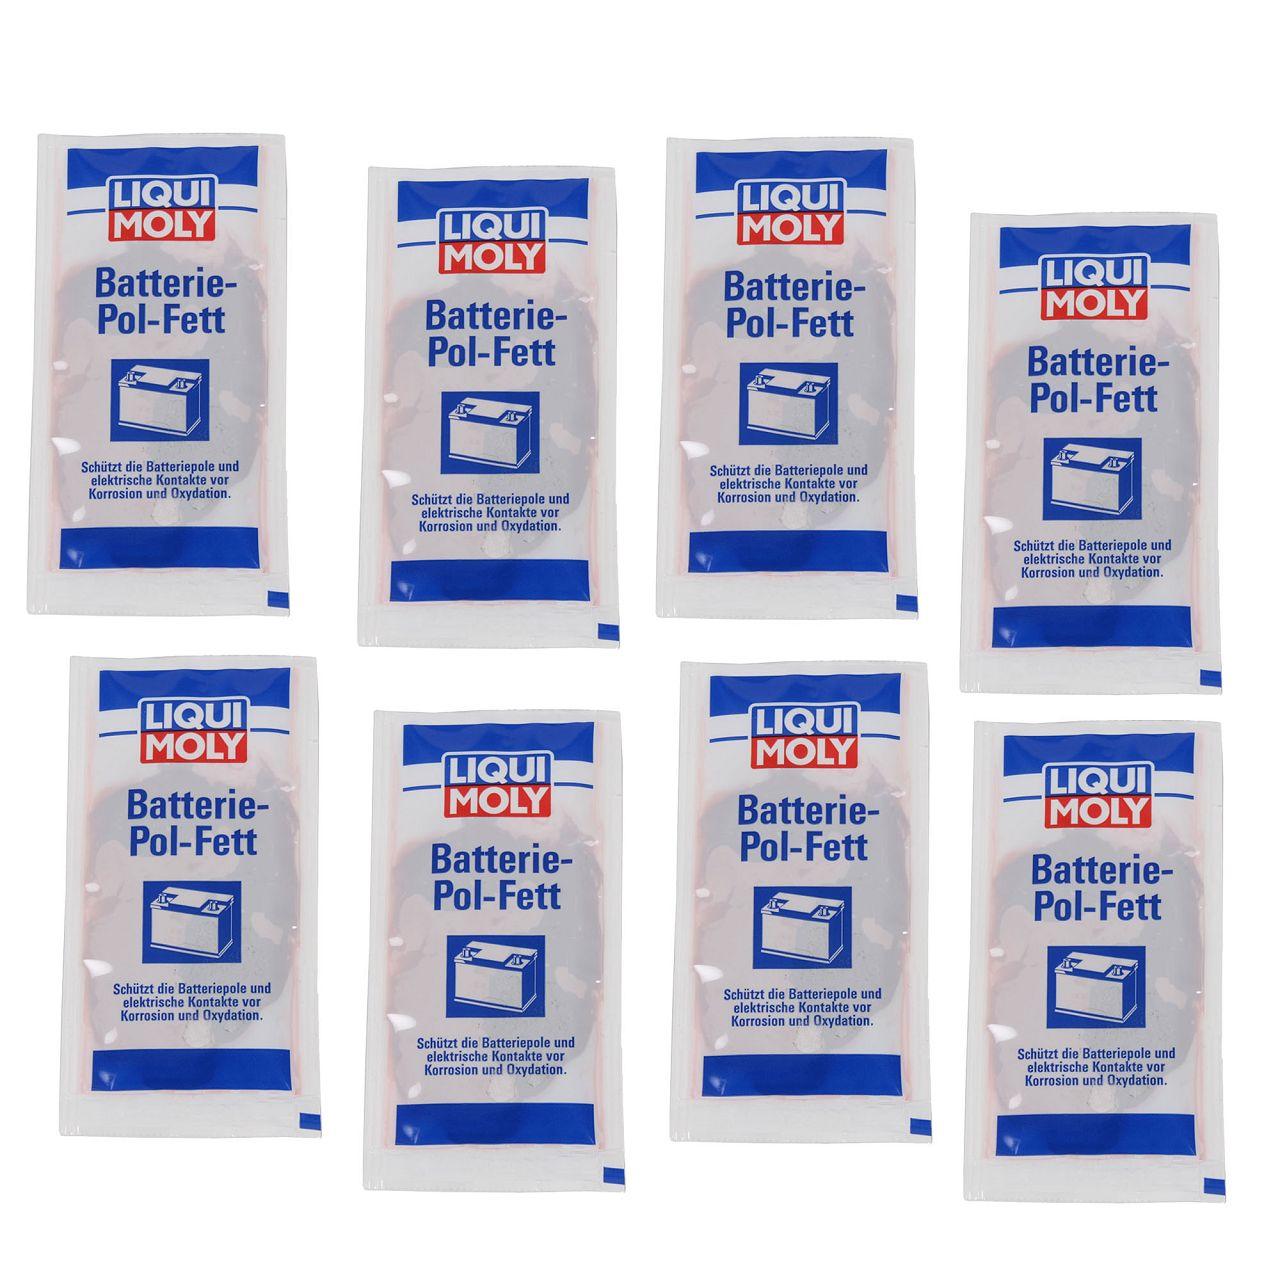 8x 10g LIQUI MOLY 3139 Batteriepolfett Batterie-Pol-Fett